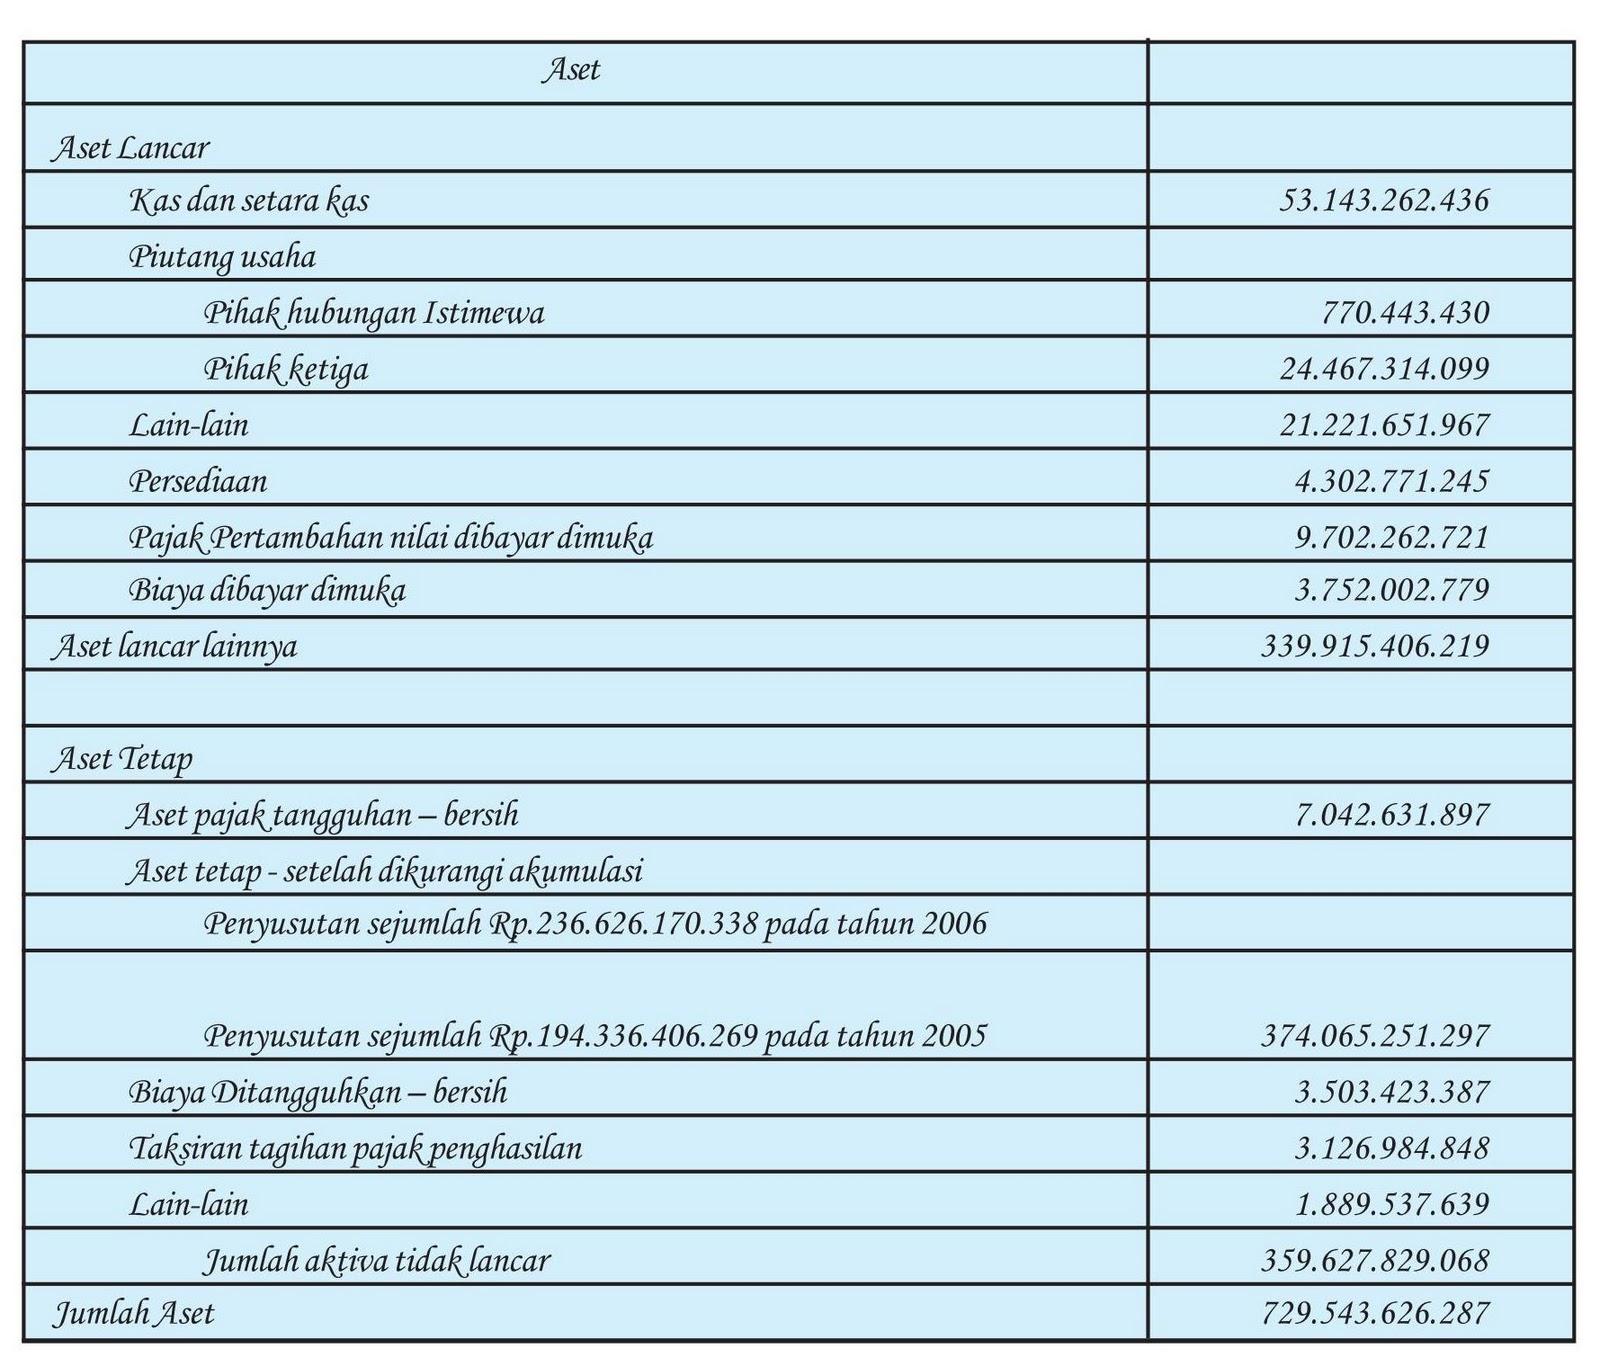 contoh cash flow contoh laporan keuangan neraca bulanan contoh laporan